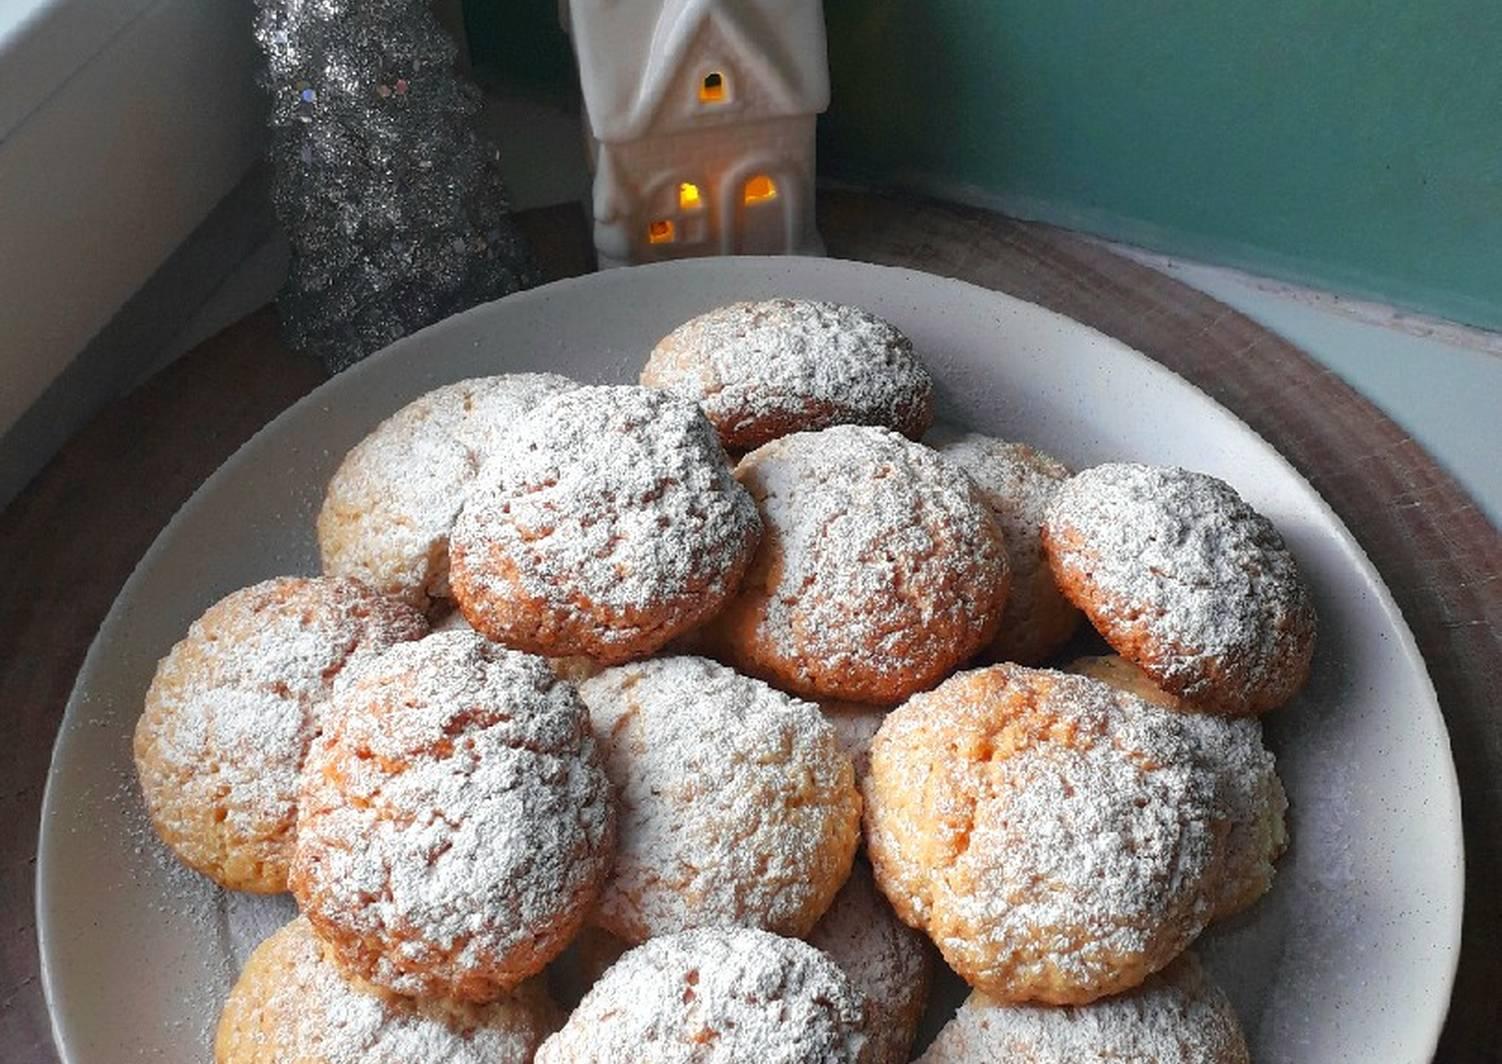 появилась печенье из кокосовой стружки рецепты с фото могут развиваться